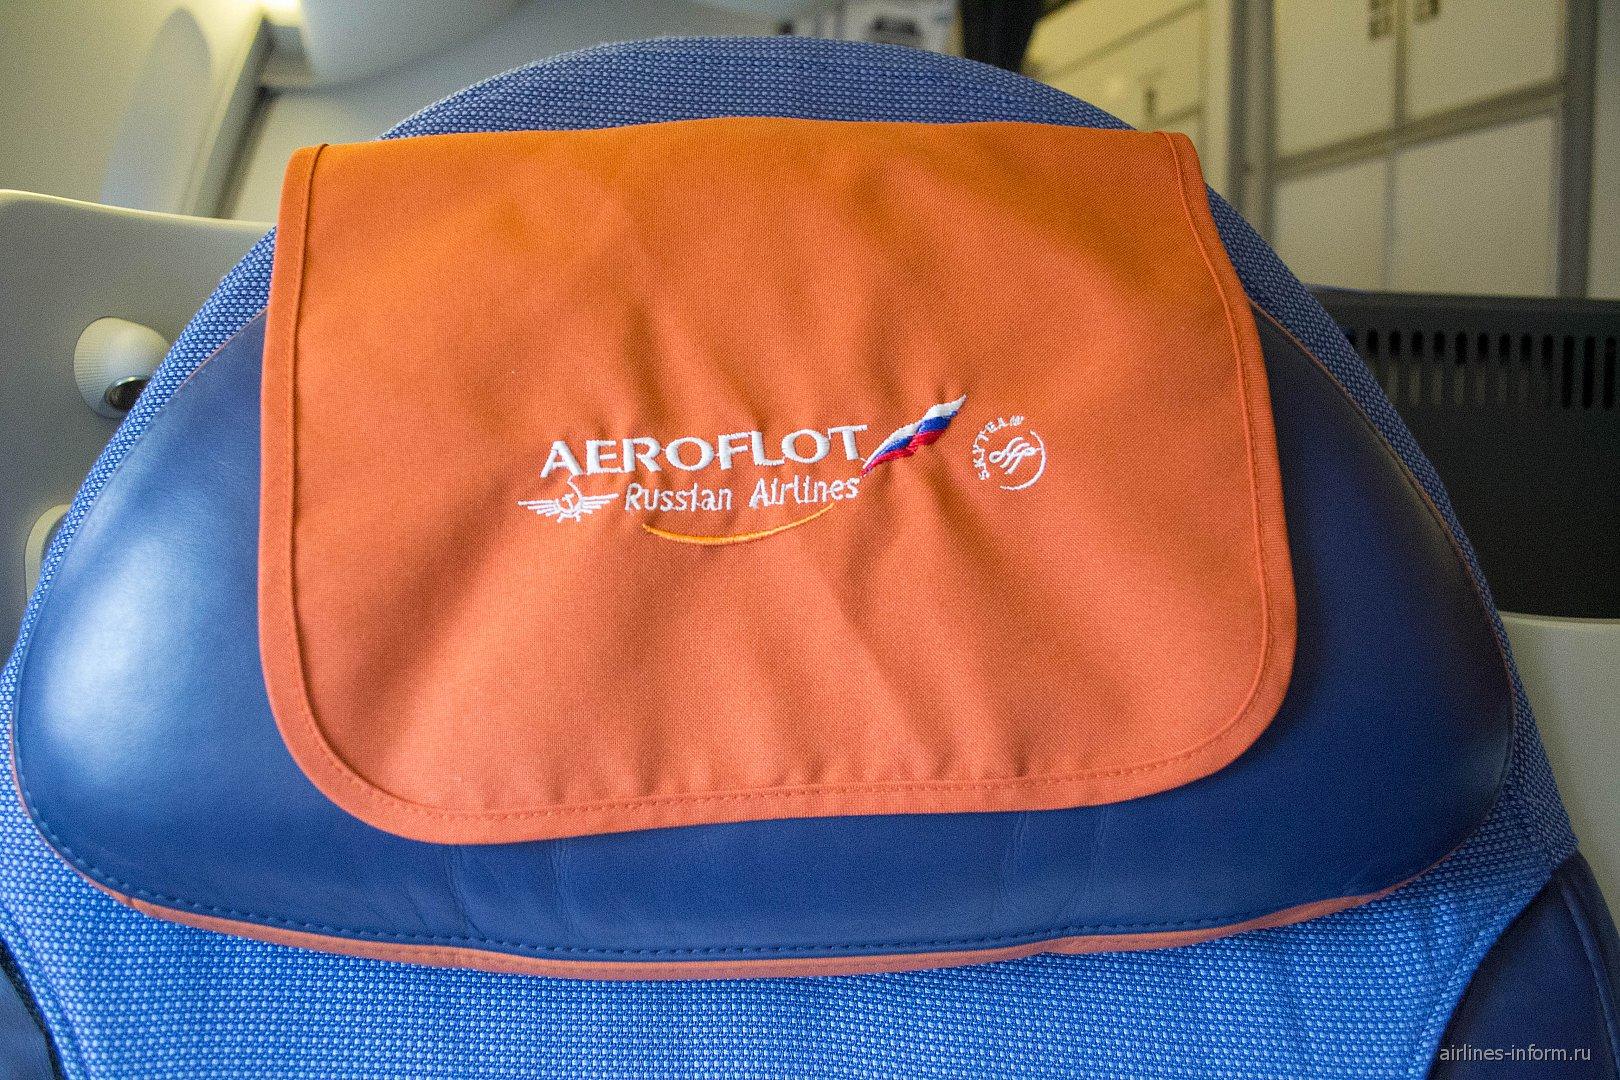 Логотип Аэрофлота на подголовнике кресла в Боинге-777-300